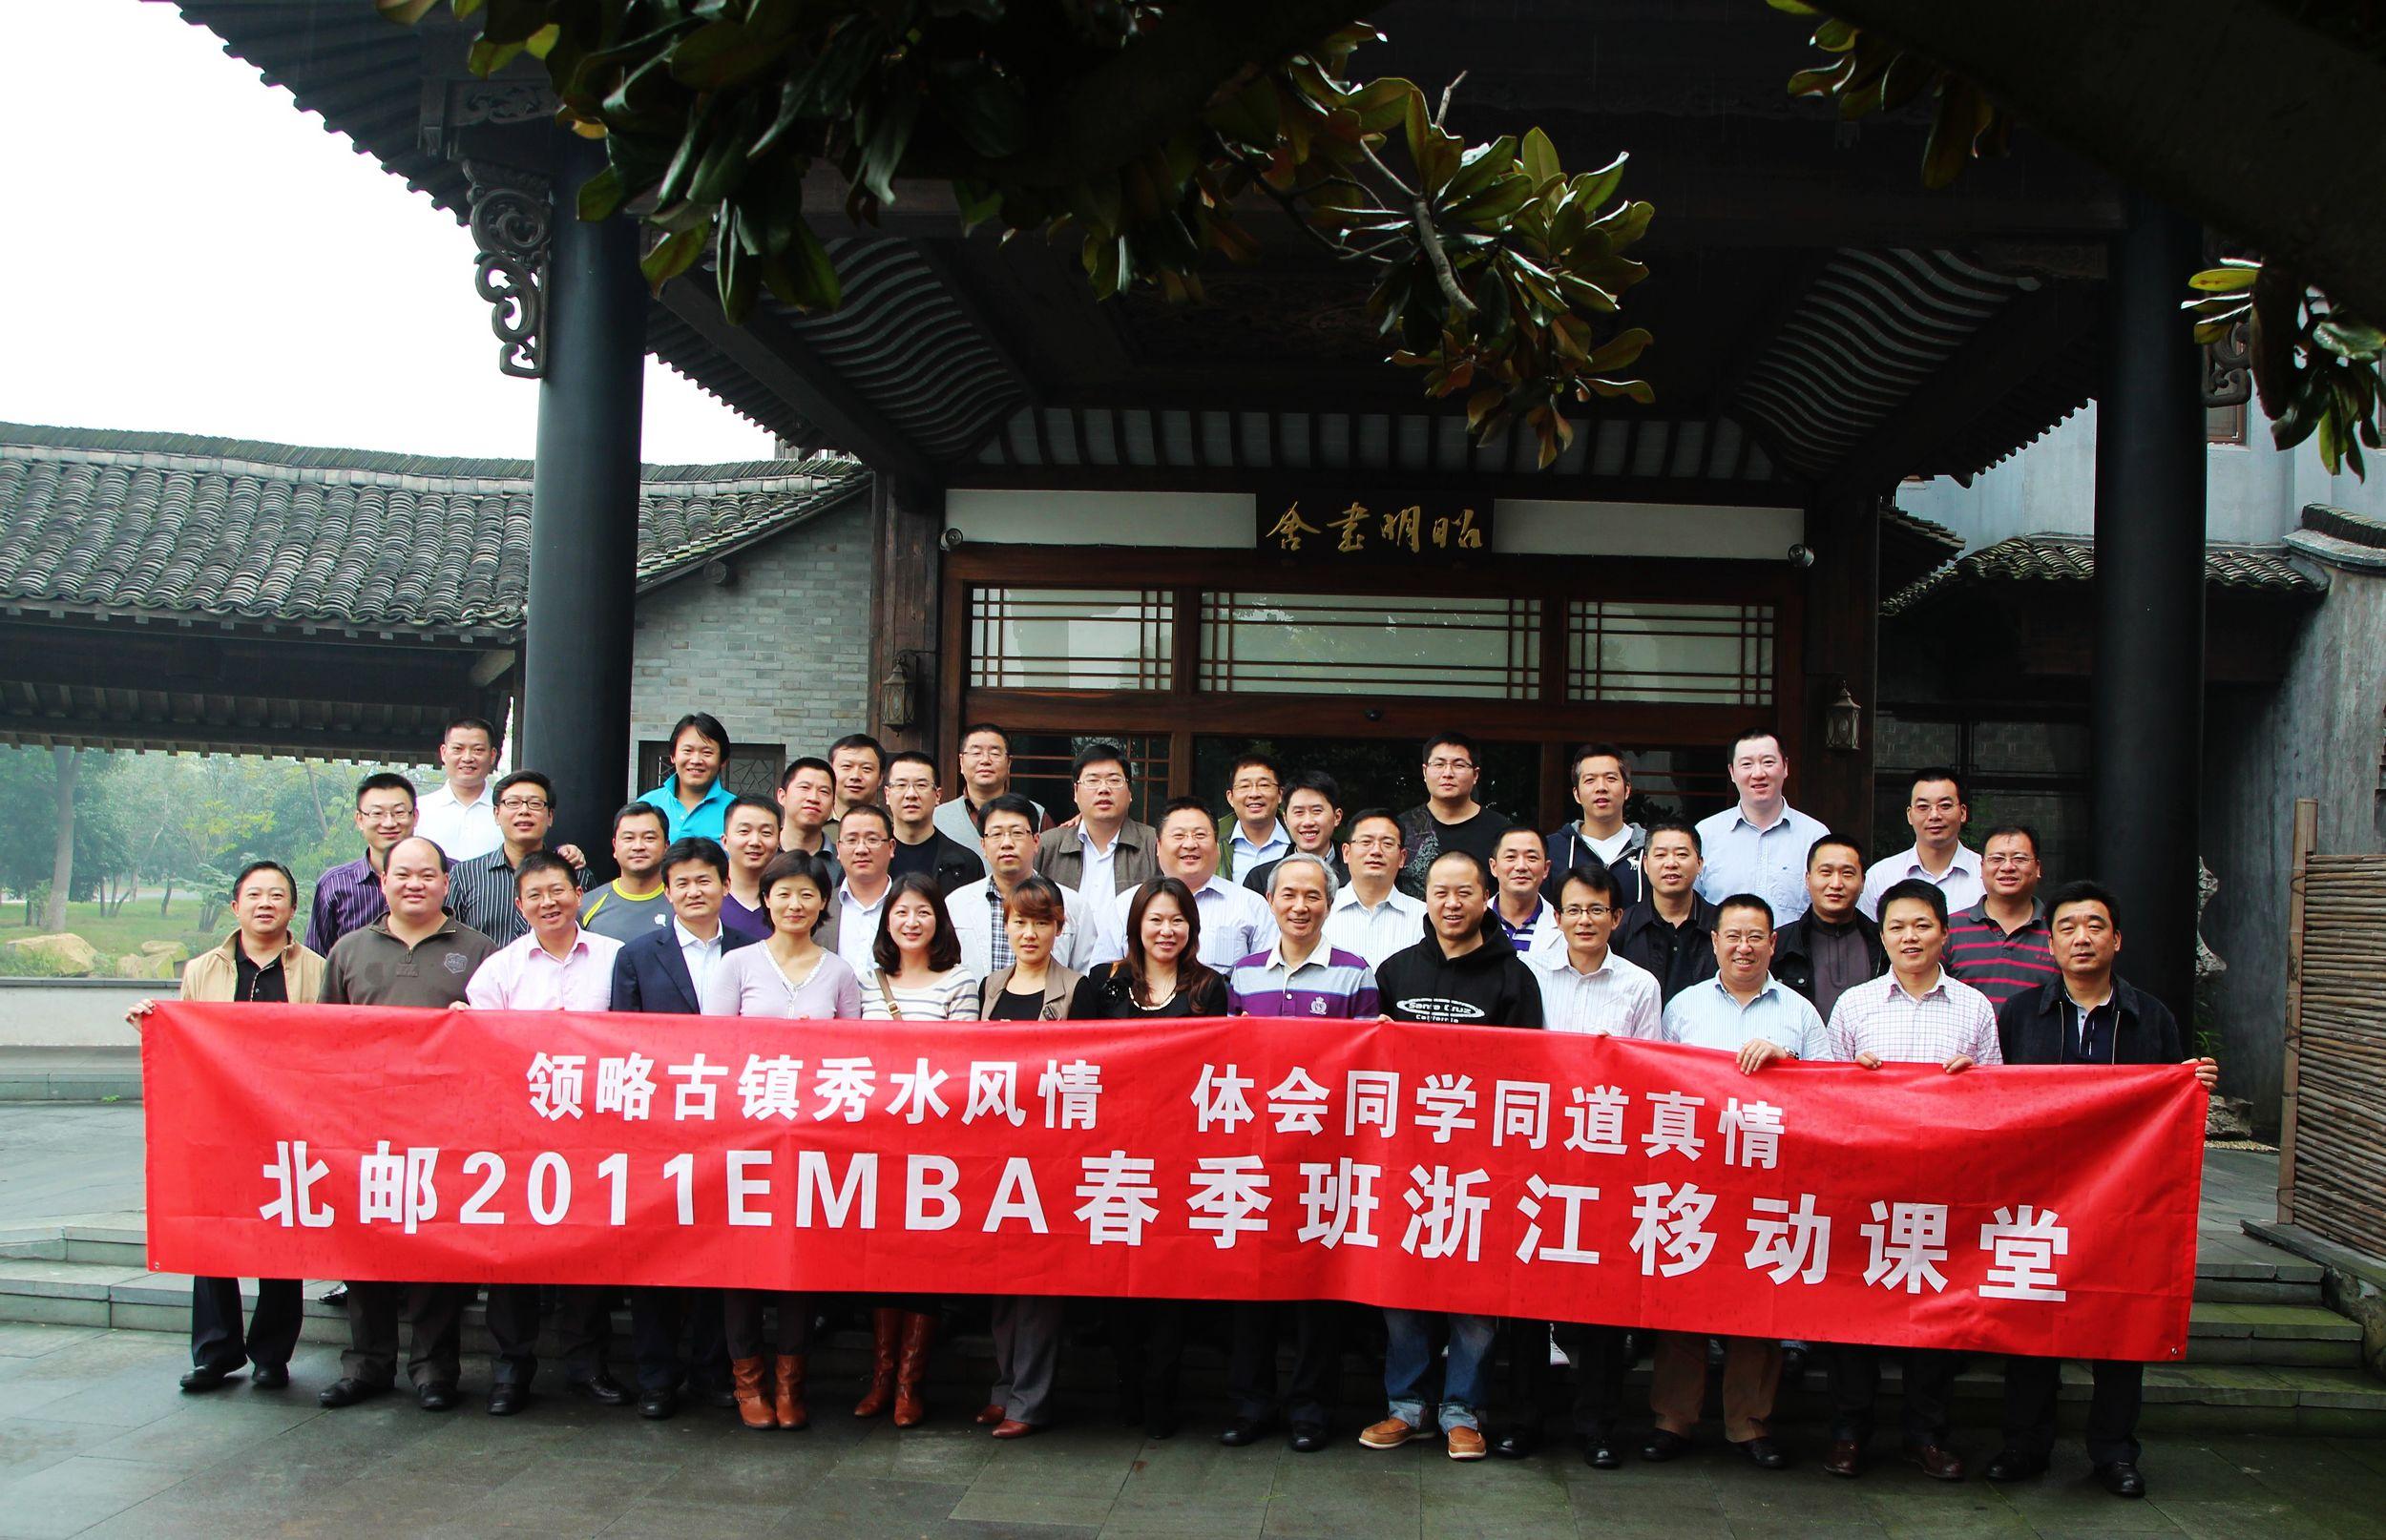 北京邮电大学EMBA春季班浙江移动课堂